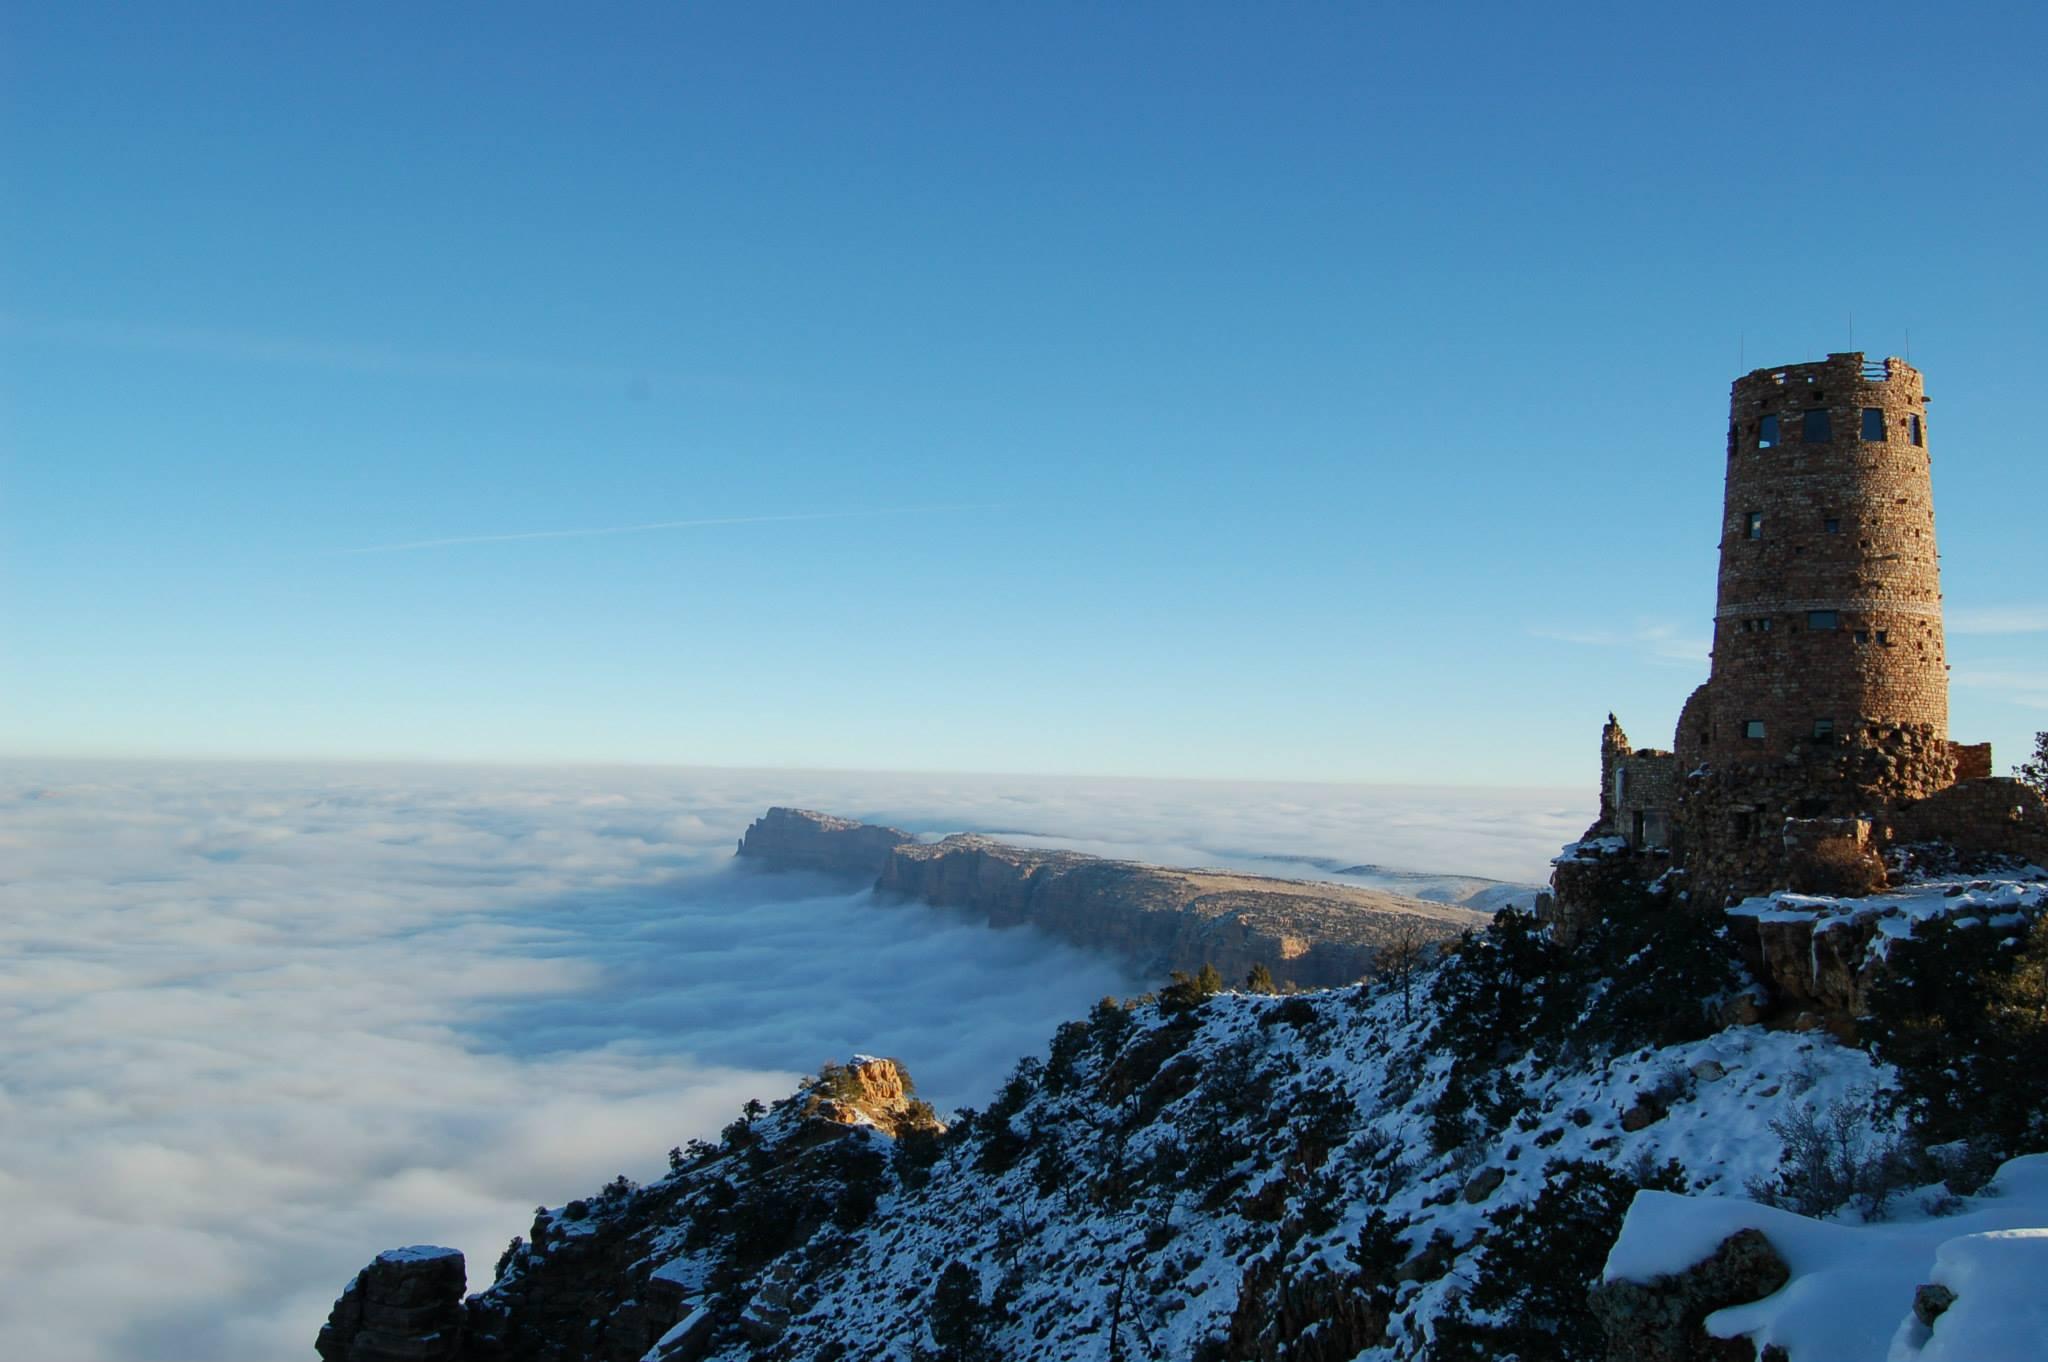 """Raro evento transforma o Grand Canyon em uma fabulosa """"cidade entre as nuvens"""" 02"""